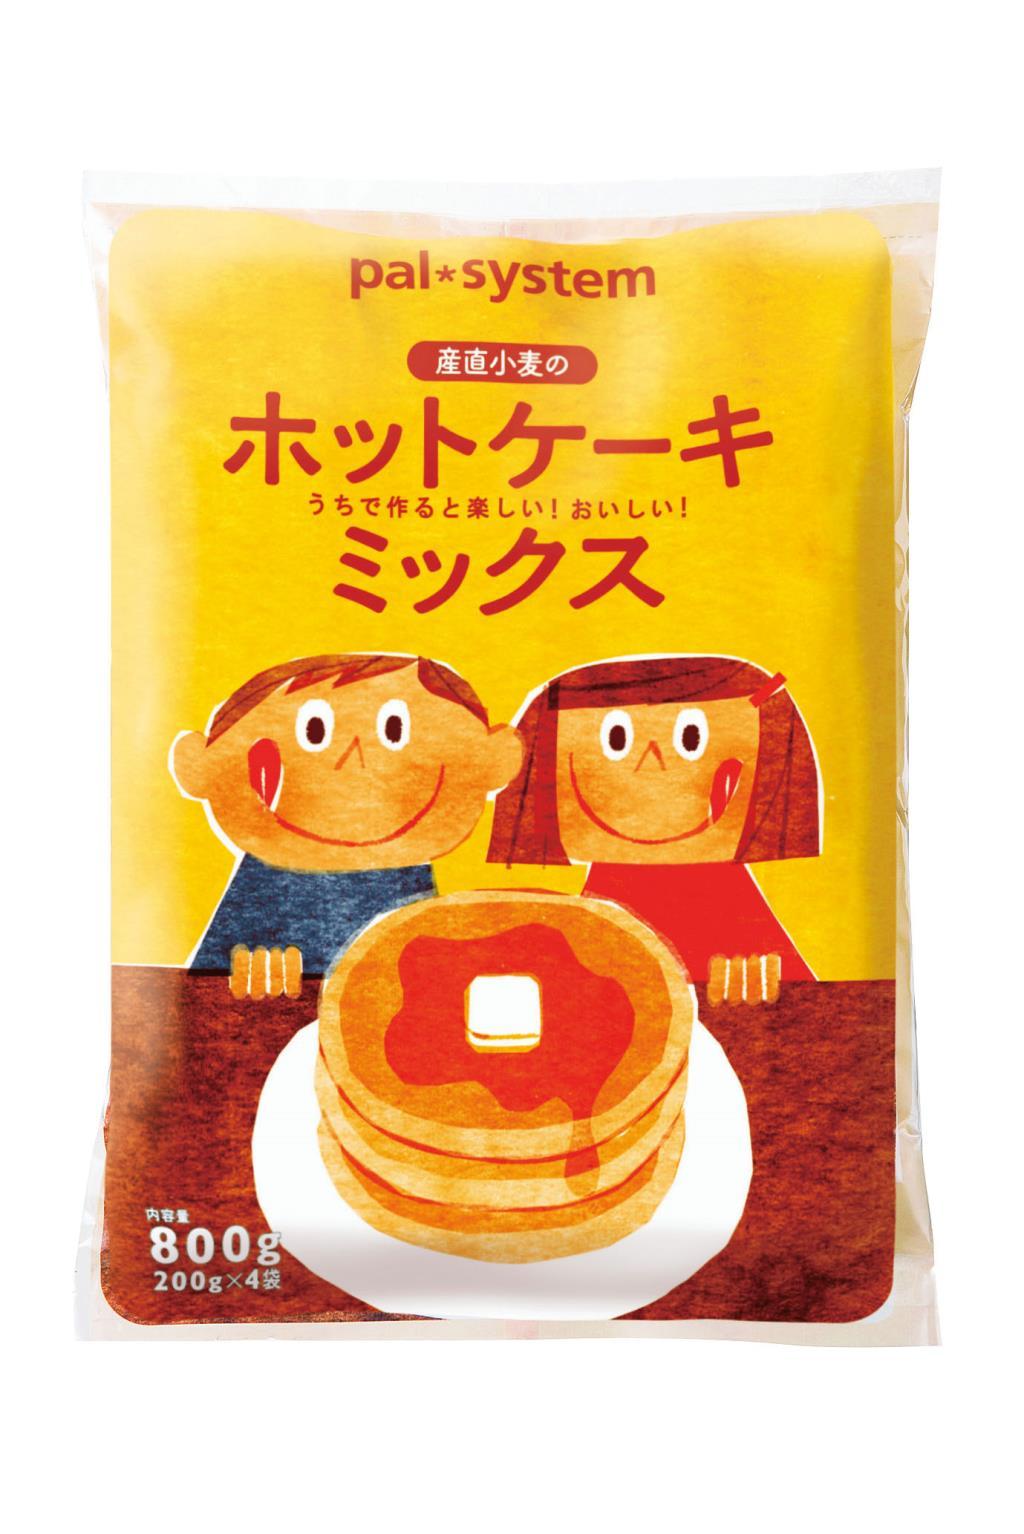 パルシステムのホットケーキミックスプレゼント